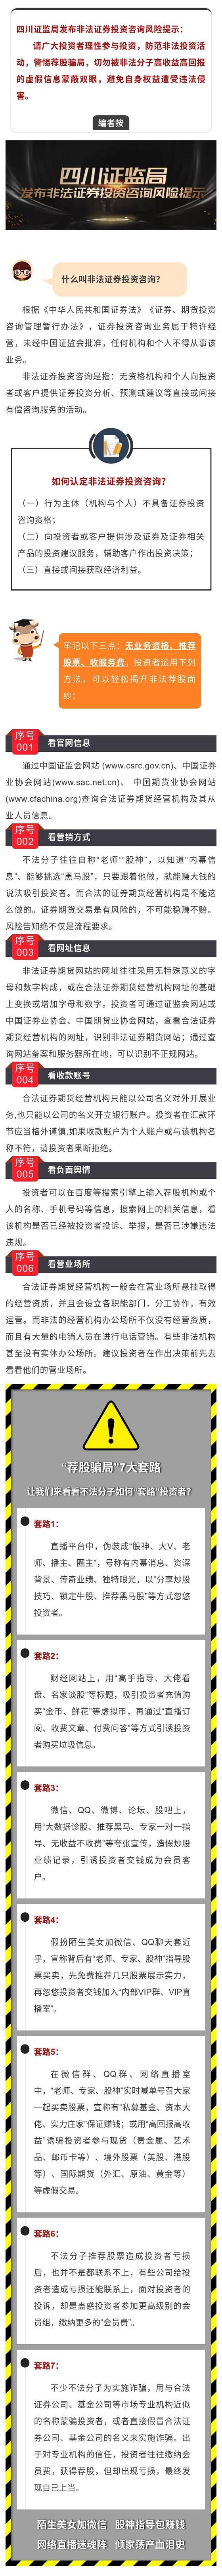 四川证监局发布非法证券投资咨询风险提示-1.jpg